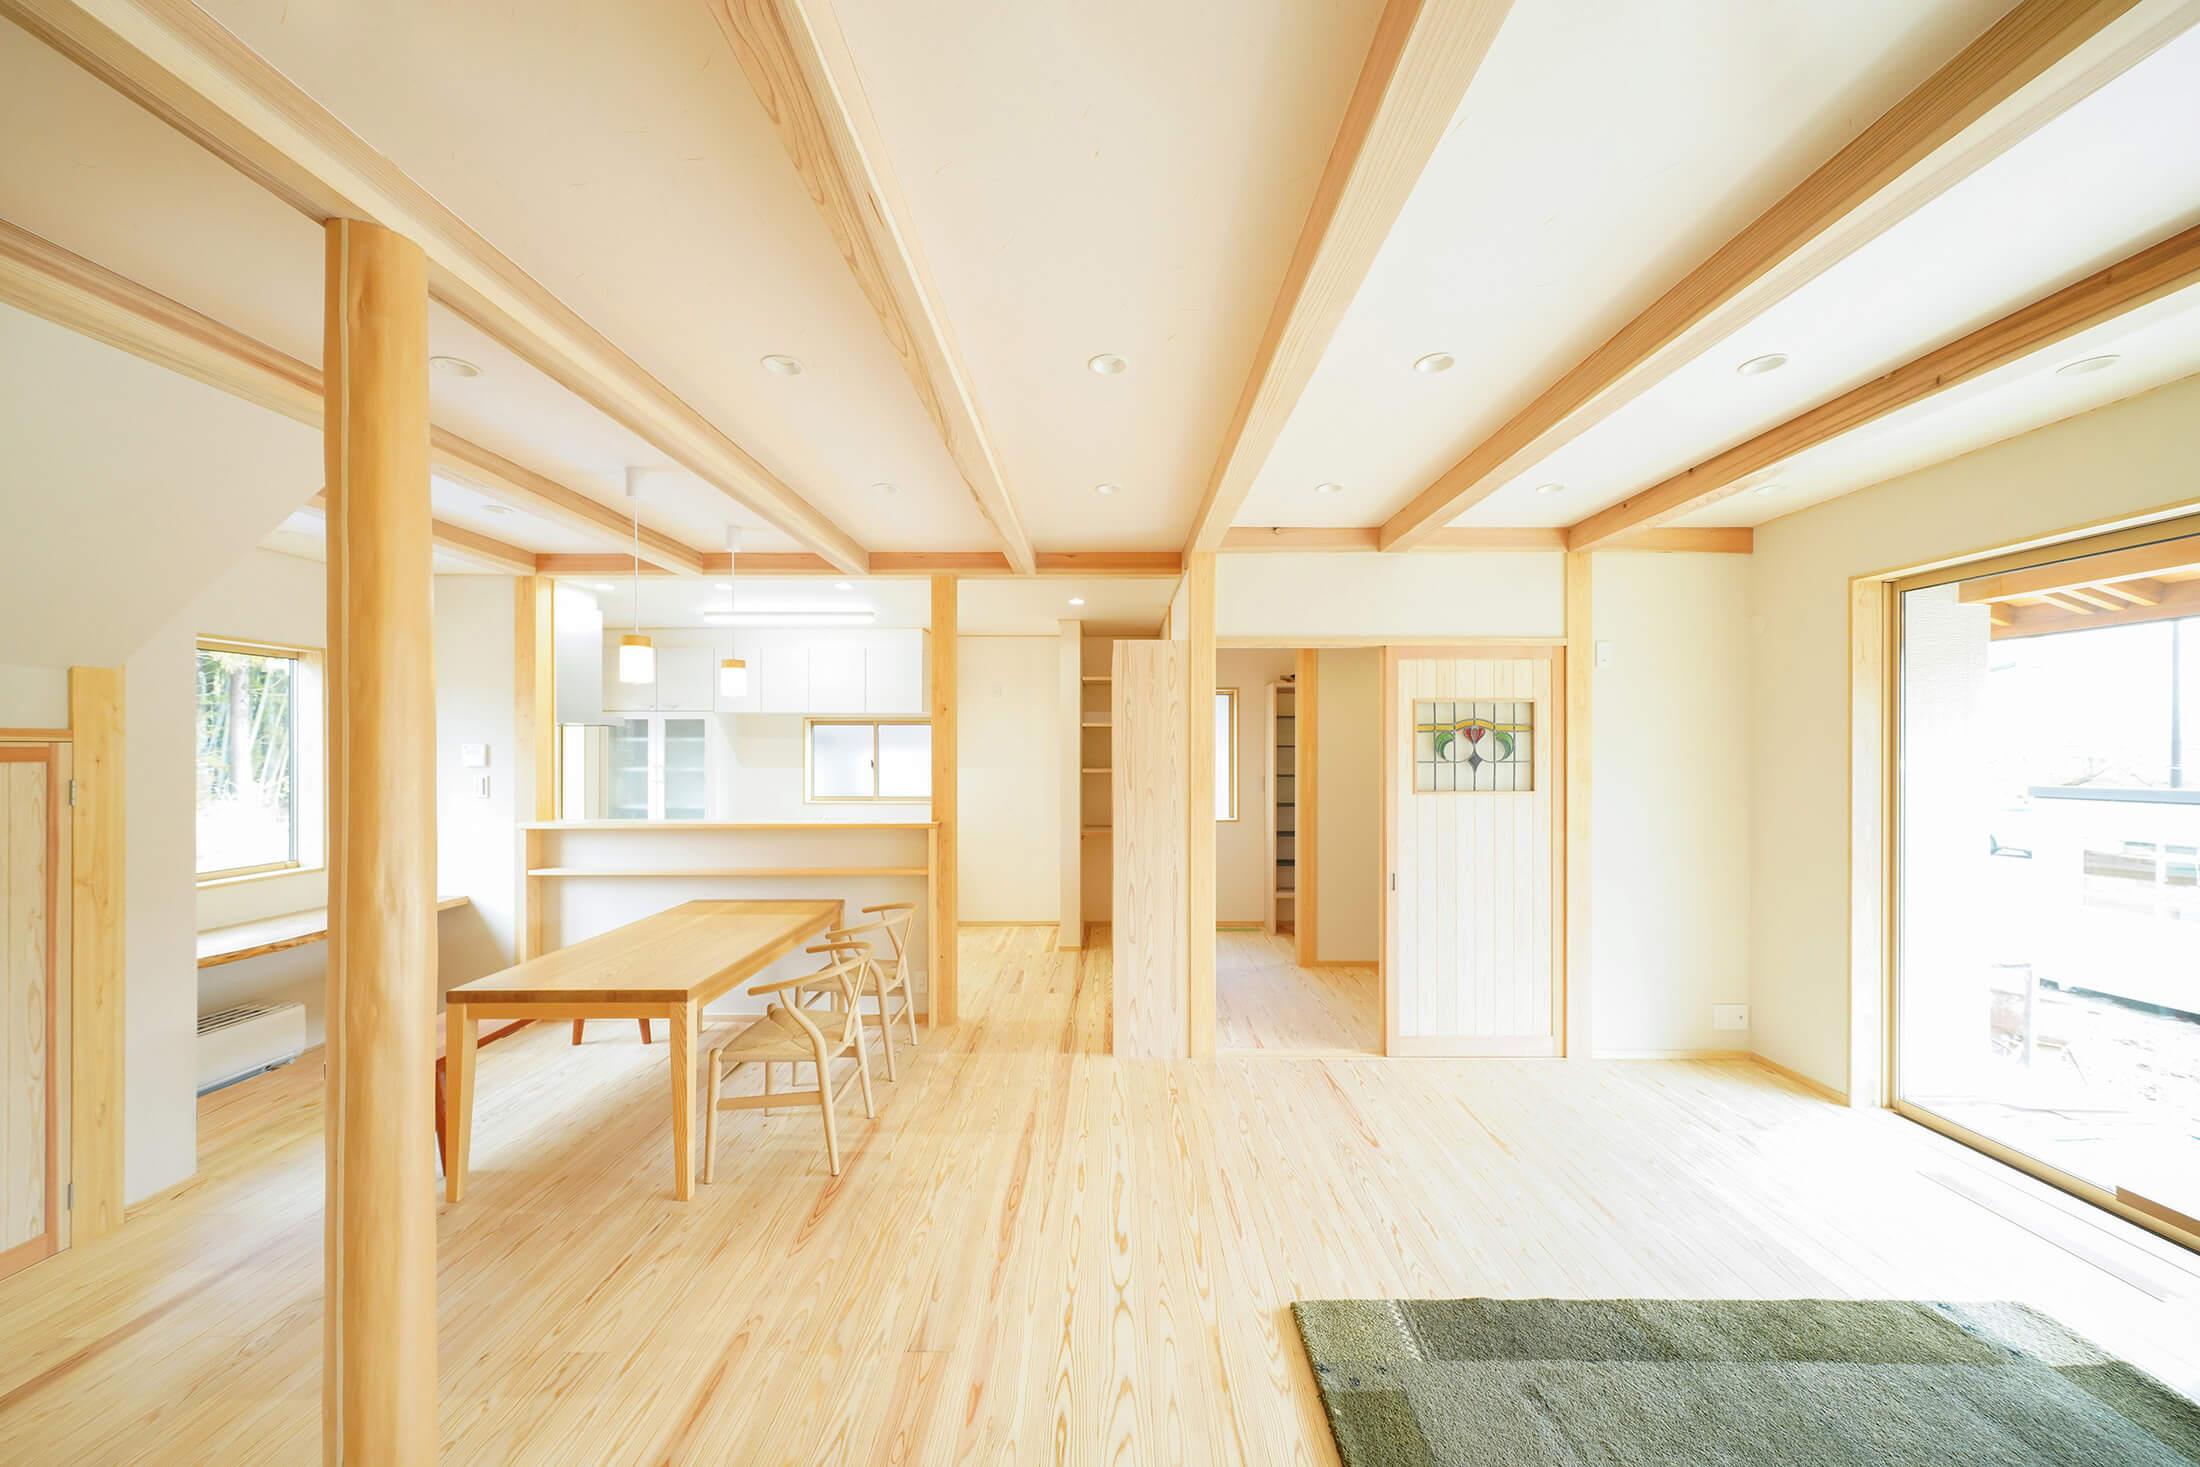 「住まいと空気」を考えた 深呼吸したくなる健やかな家。